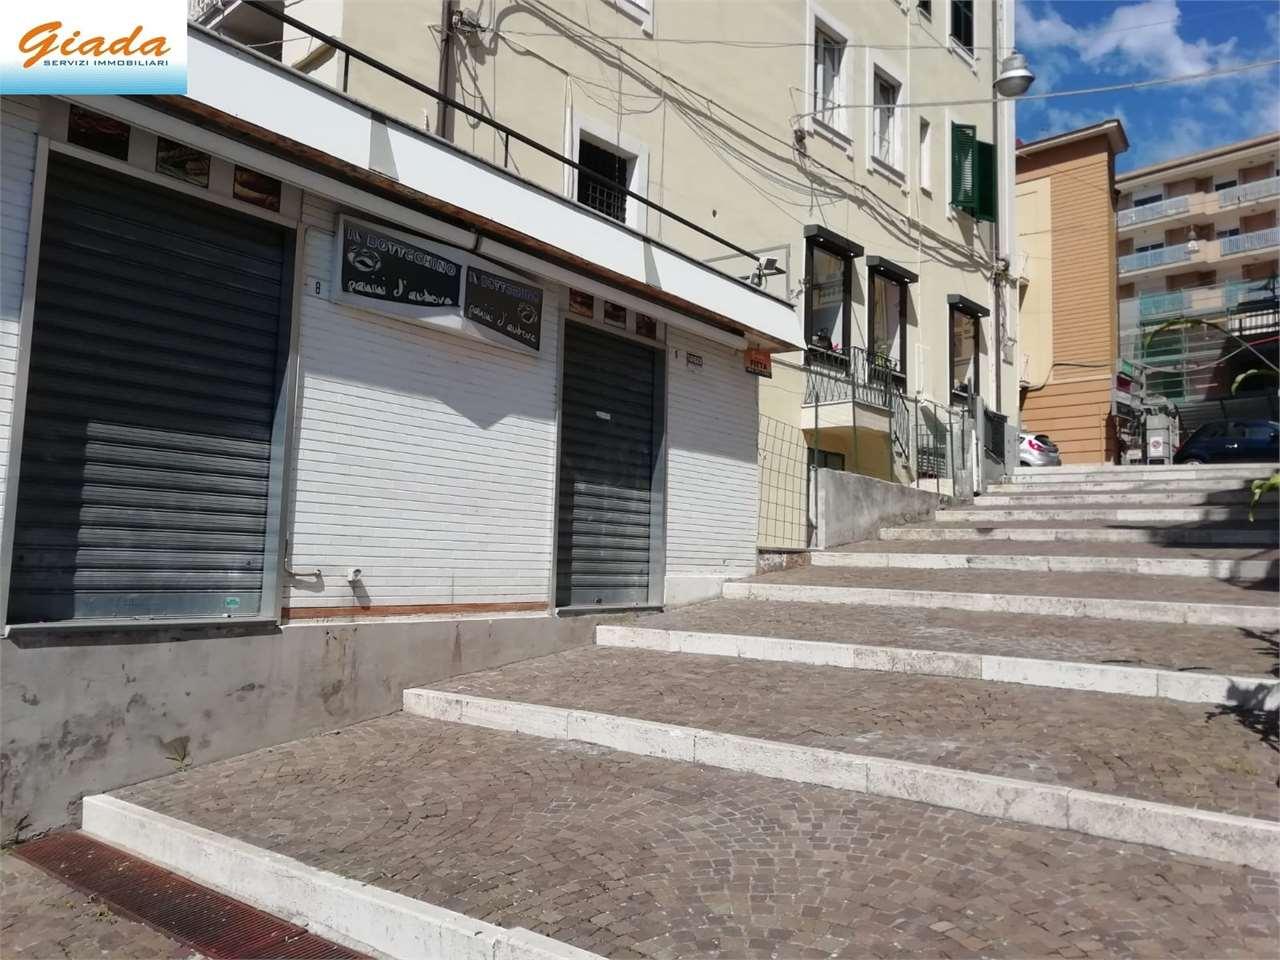 Negozio / Locale in affitto a Formia, 1 locali, prezzo € 550   CambioCasa.it